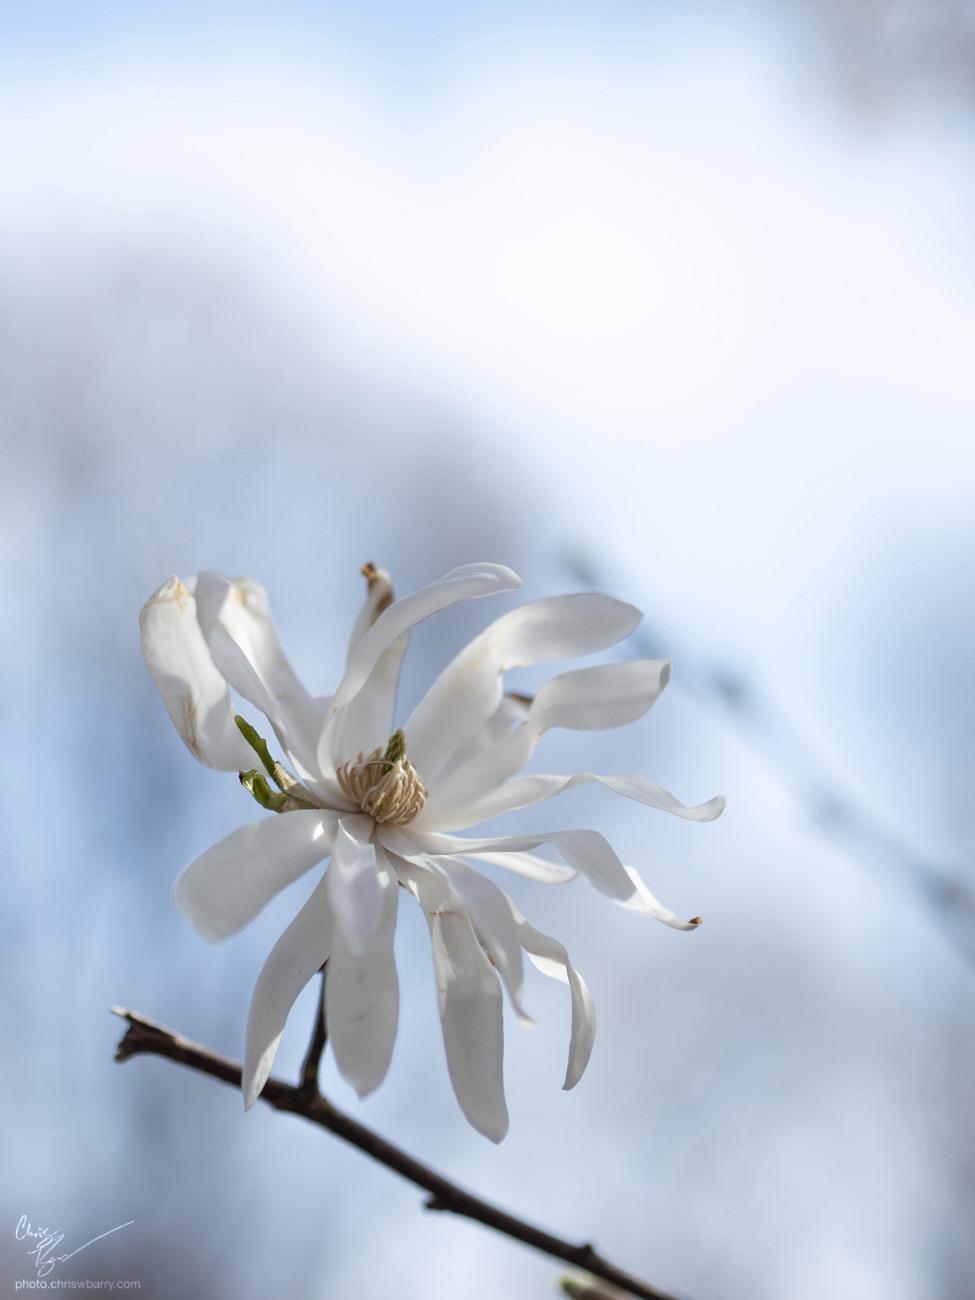 4-21-18: Star Magnolia